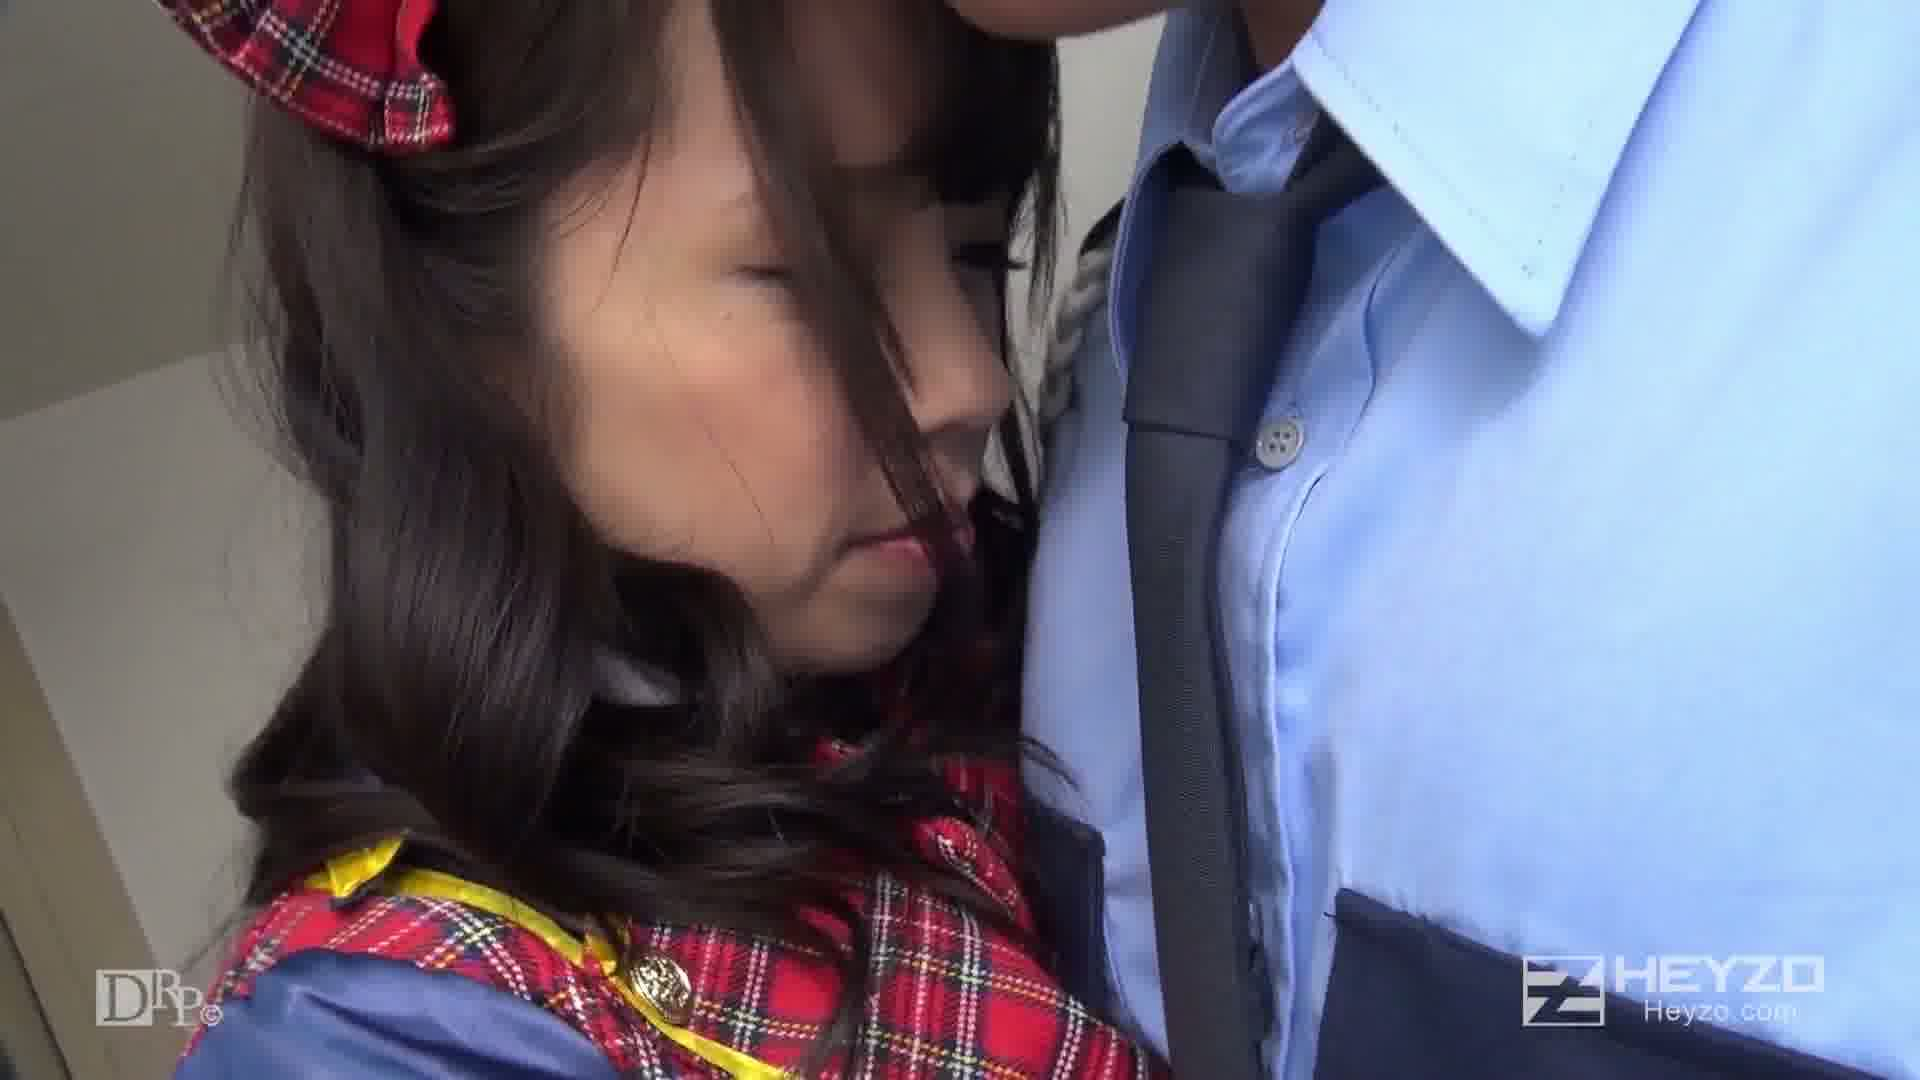 アイドルの中で出せ! - 河西あみ【握手会 ベロチュー ファン目撃 フェラ抜き】